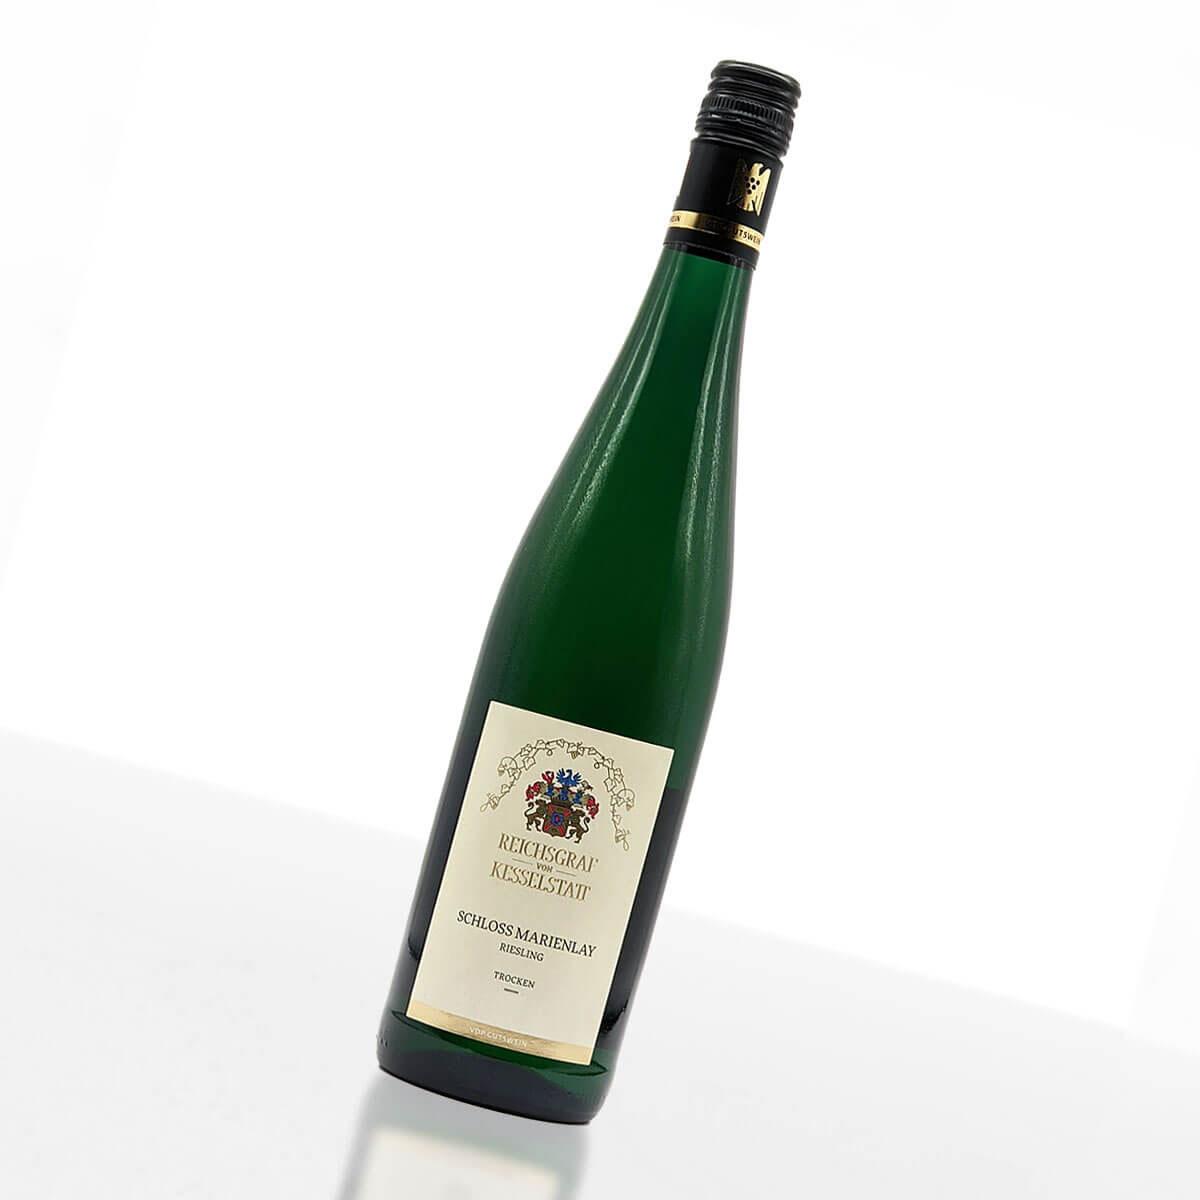 2019er Schloss Marienlay Riesling QbA trocken • Weingut Reichsgraf von Kesselstatt